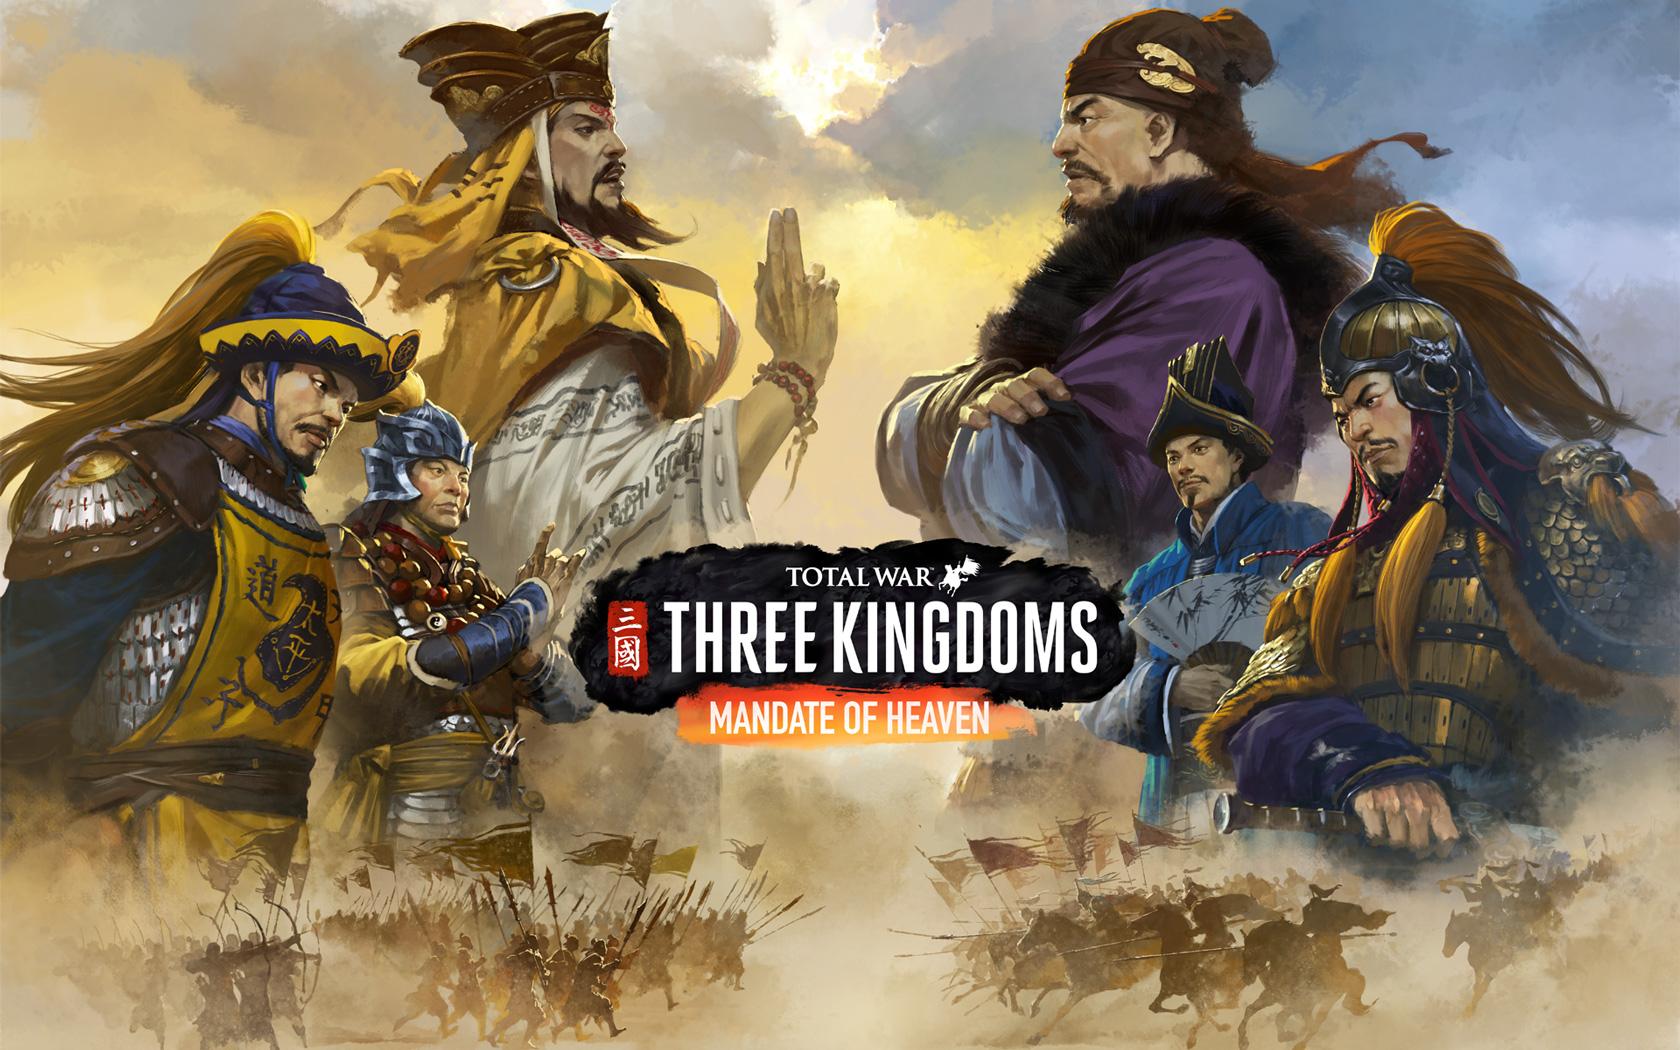 Free Total War: Three Kingdoms Wallpaper in 1680x1050